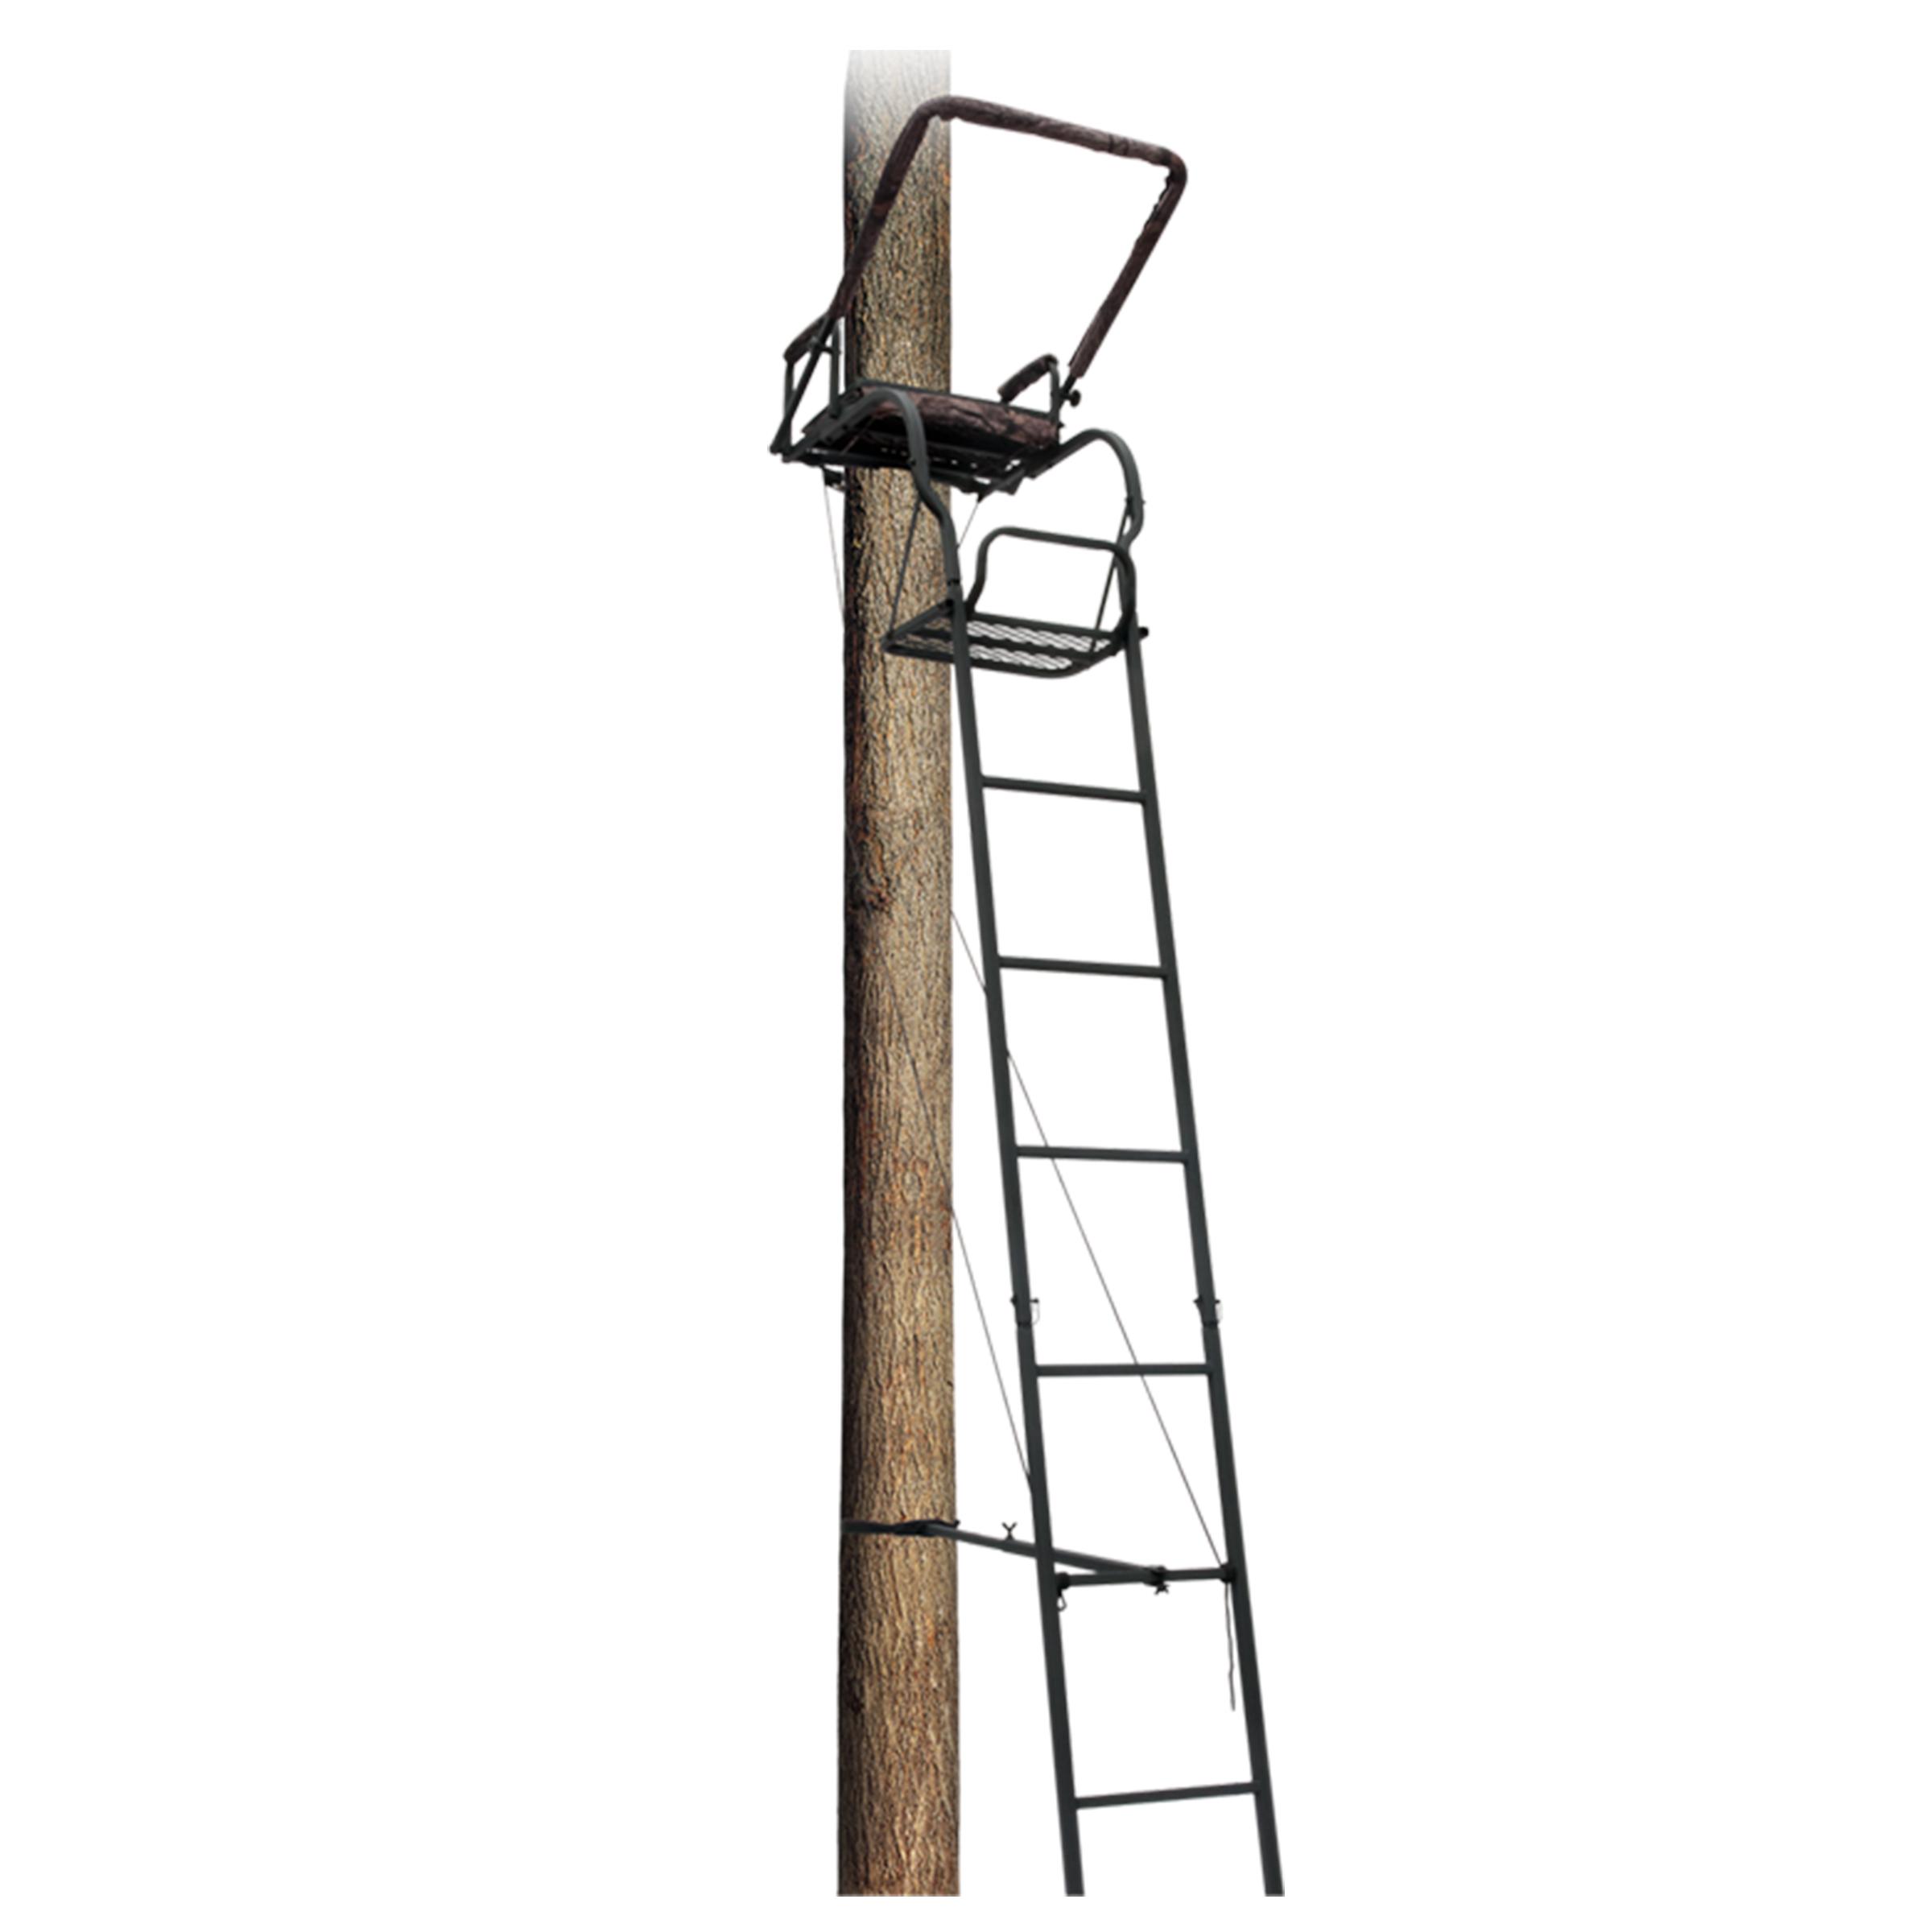 Big Dog 16 Foxhound Ii Ladder Stand Bdl 106 926762